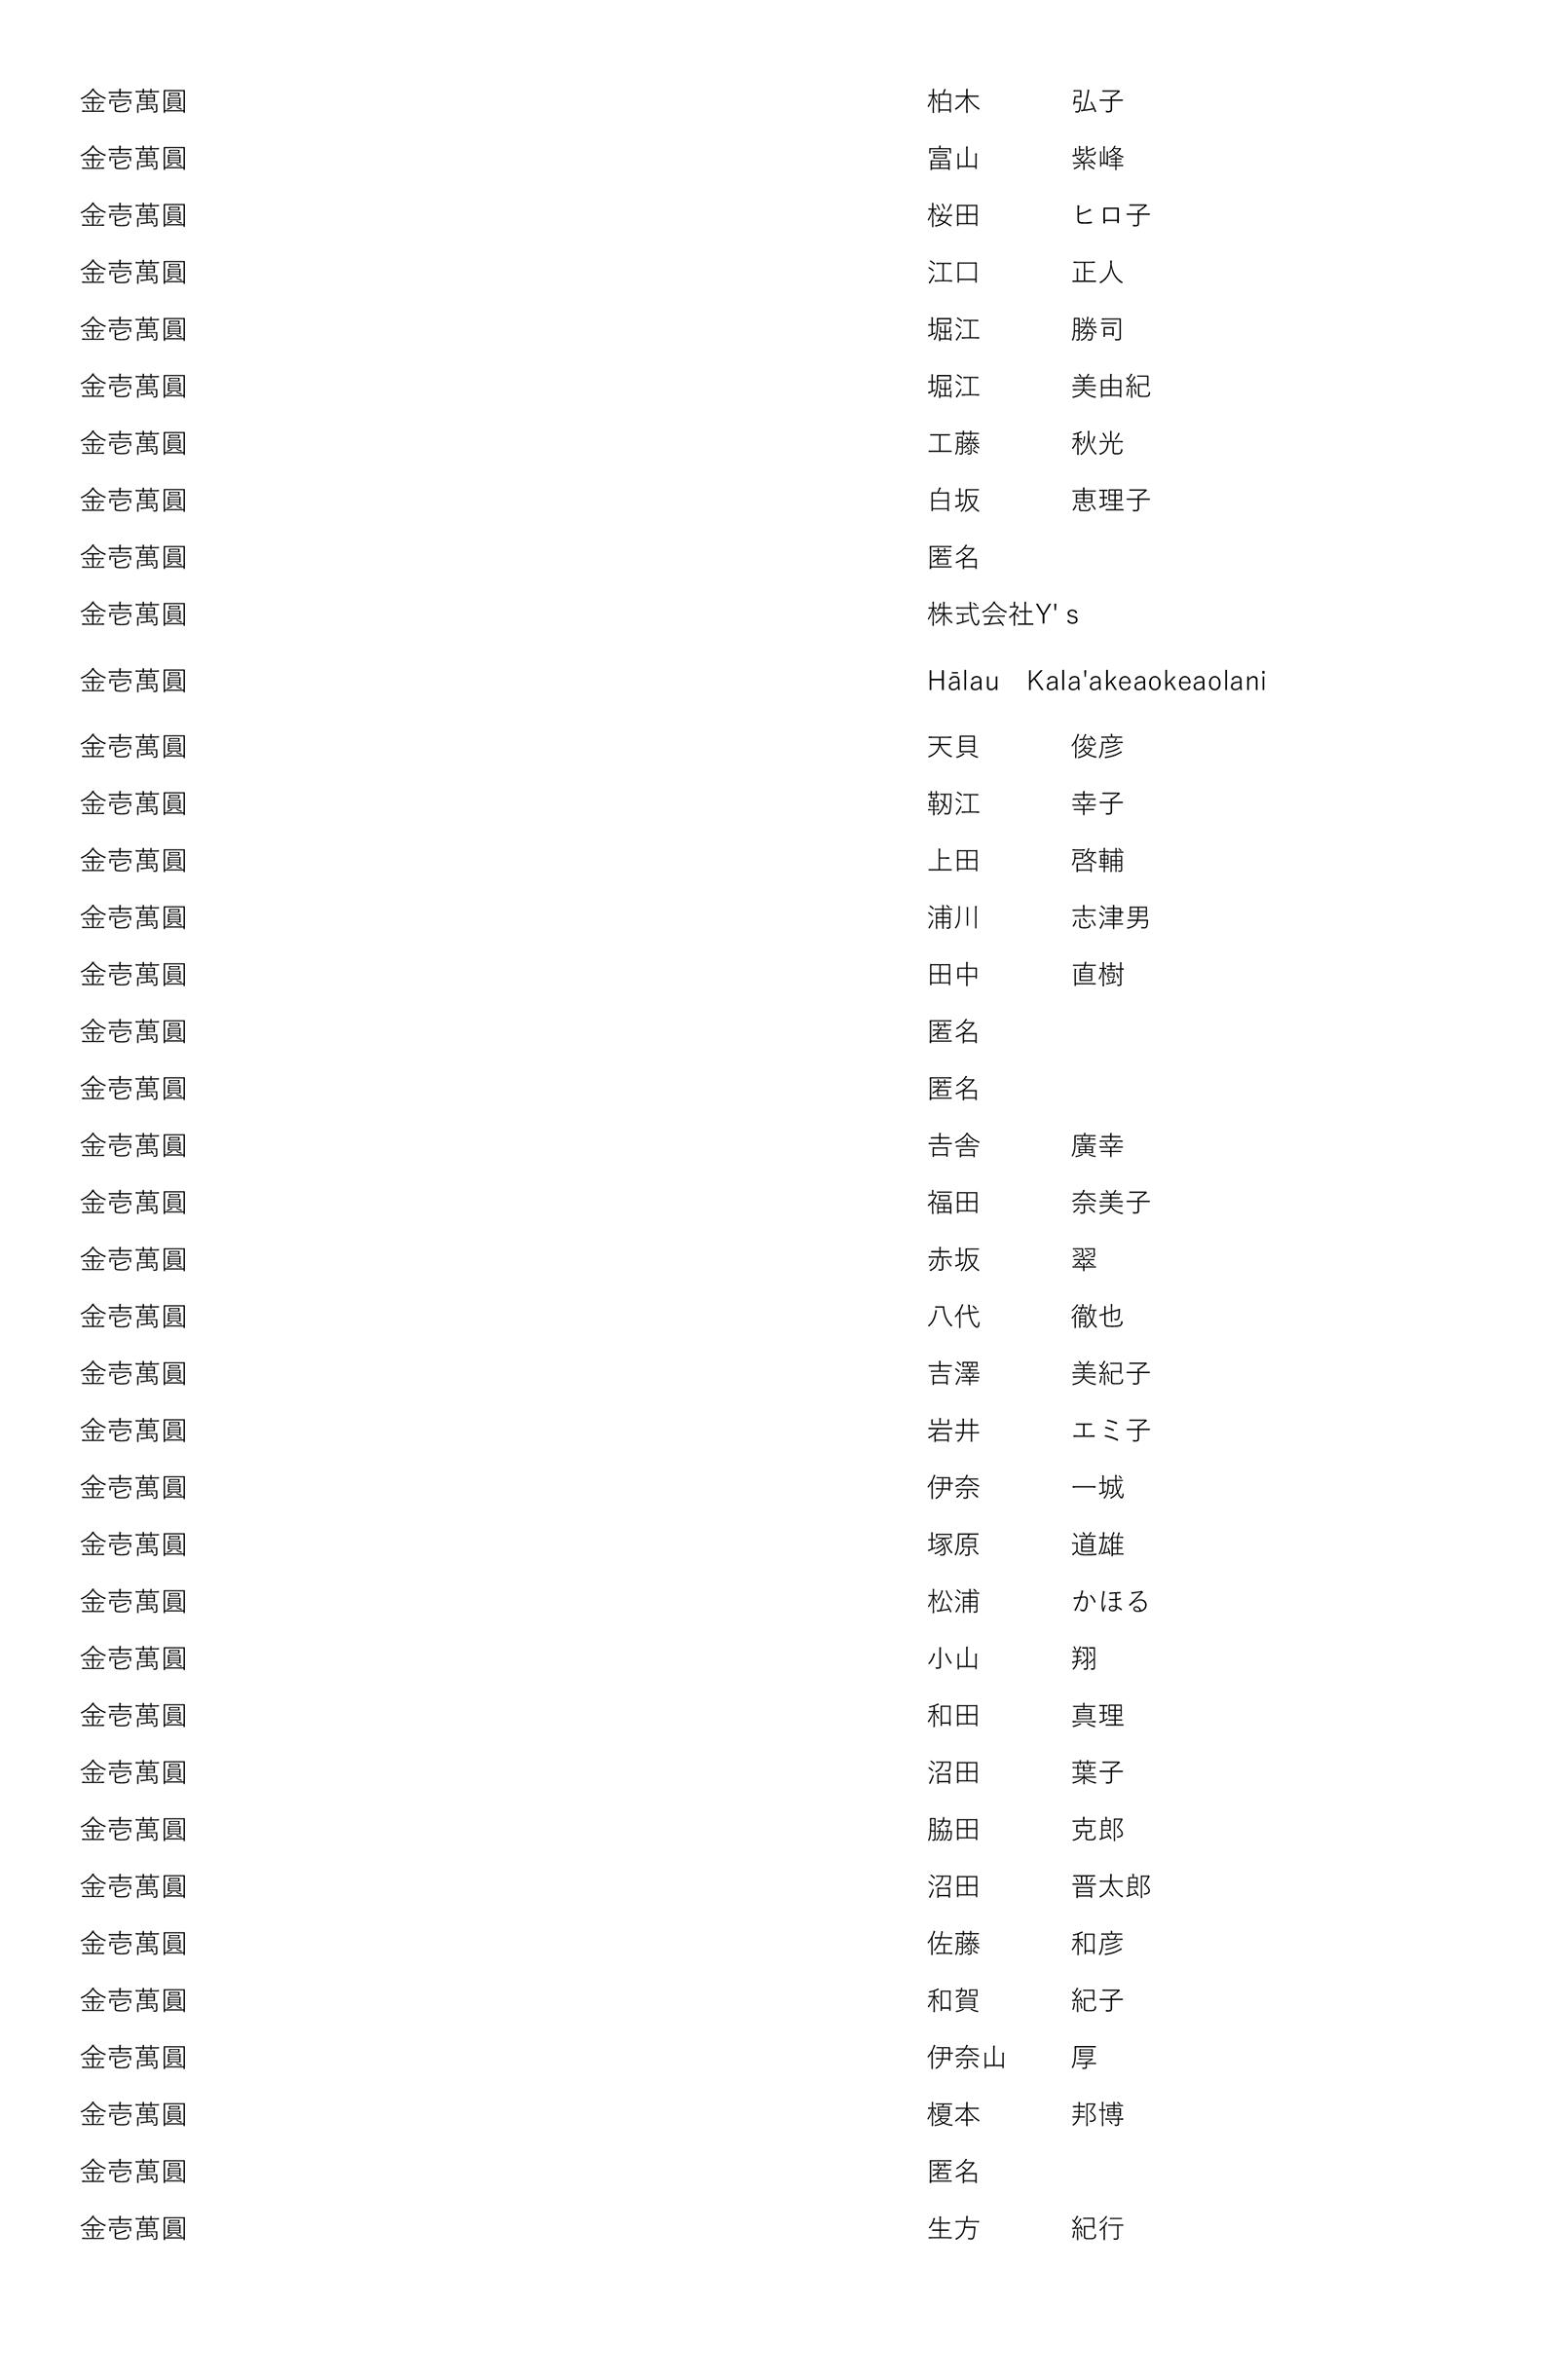 御鎮座七百年記念事業奉賛者御芳名簿8